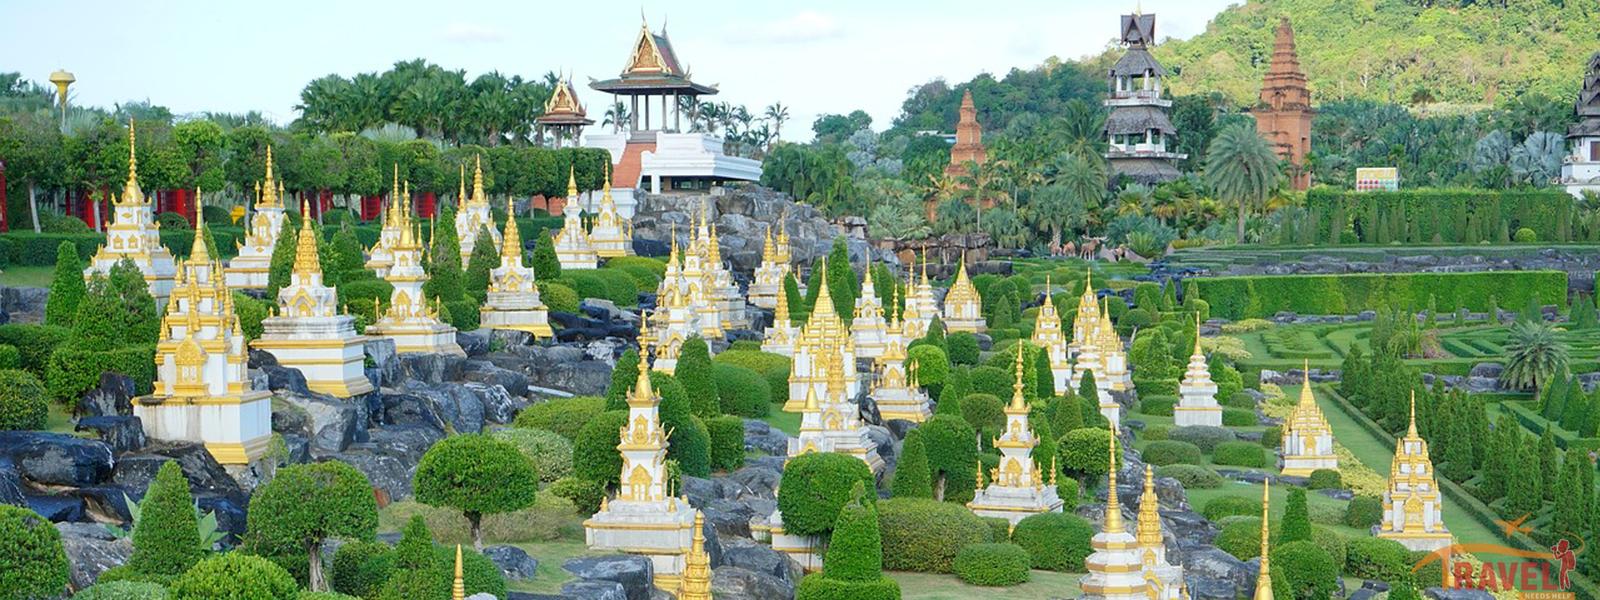 Nong Nooch Tropical Garden - Tour